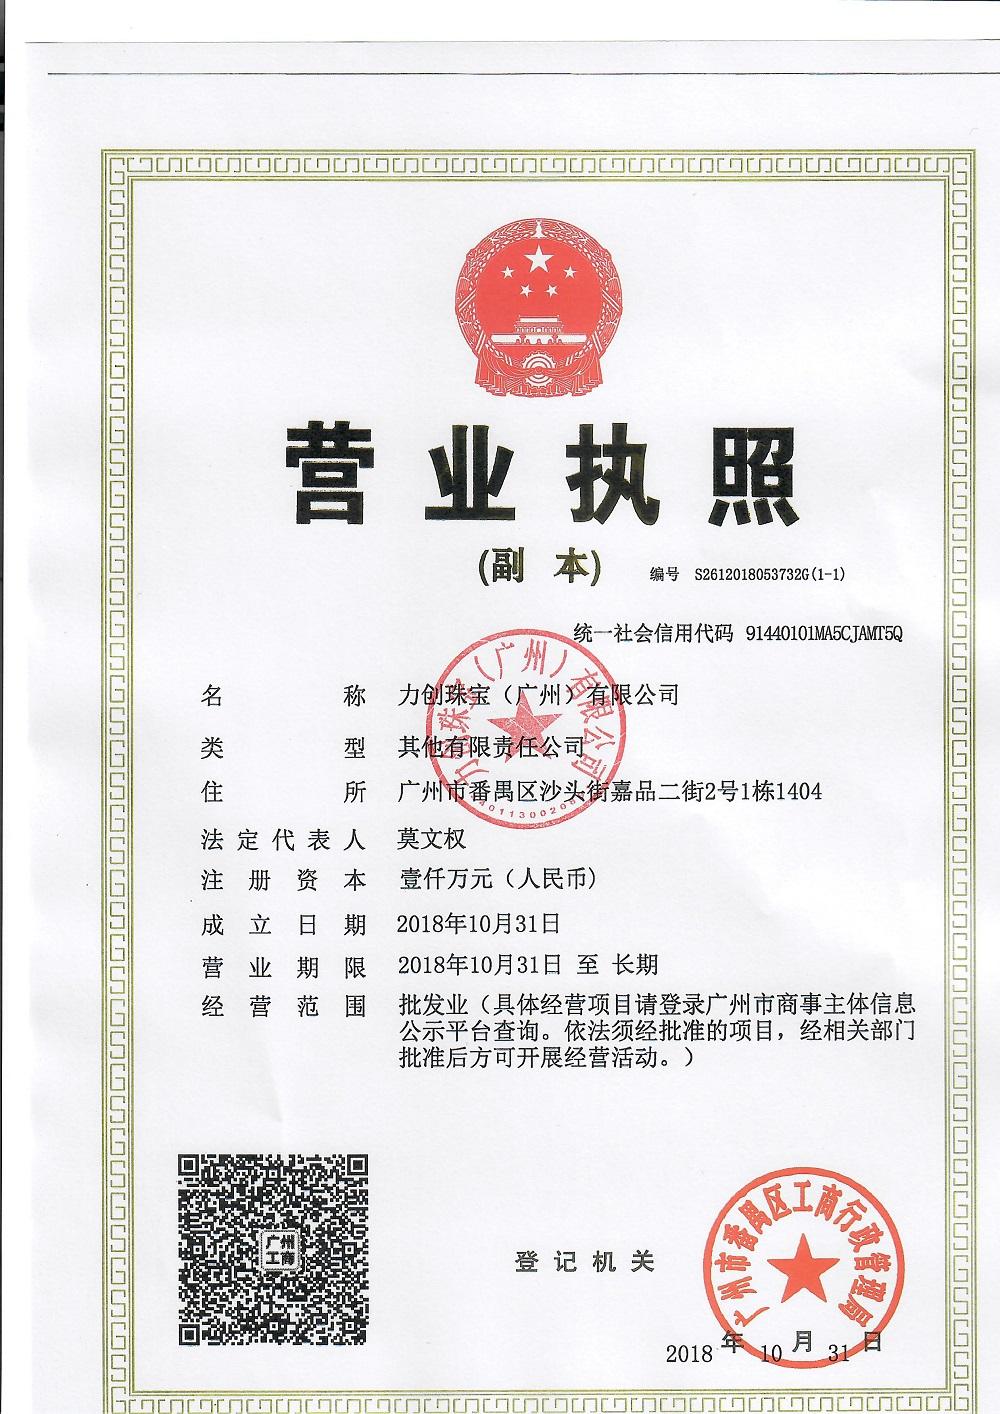 力创珠宝(广州)有限公司企业档案